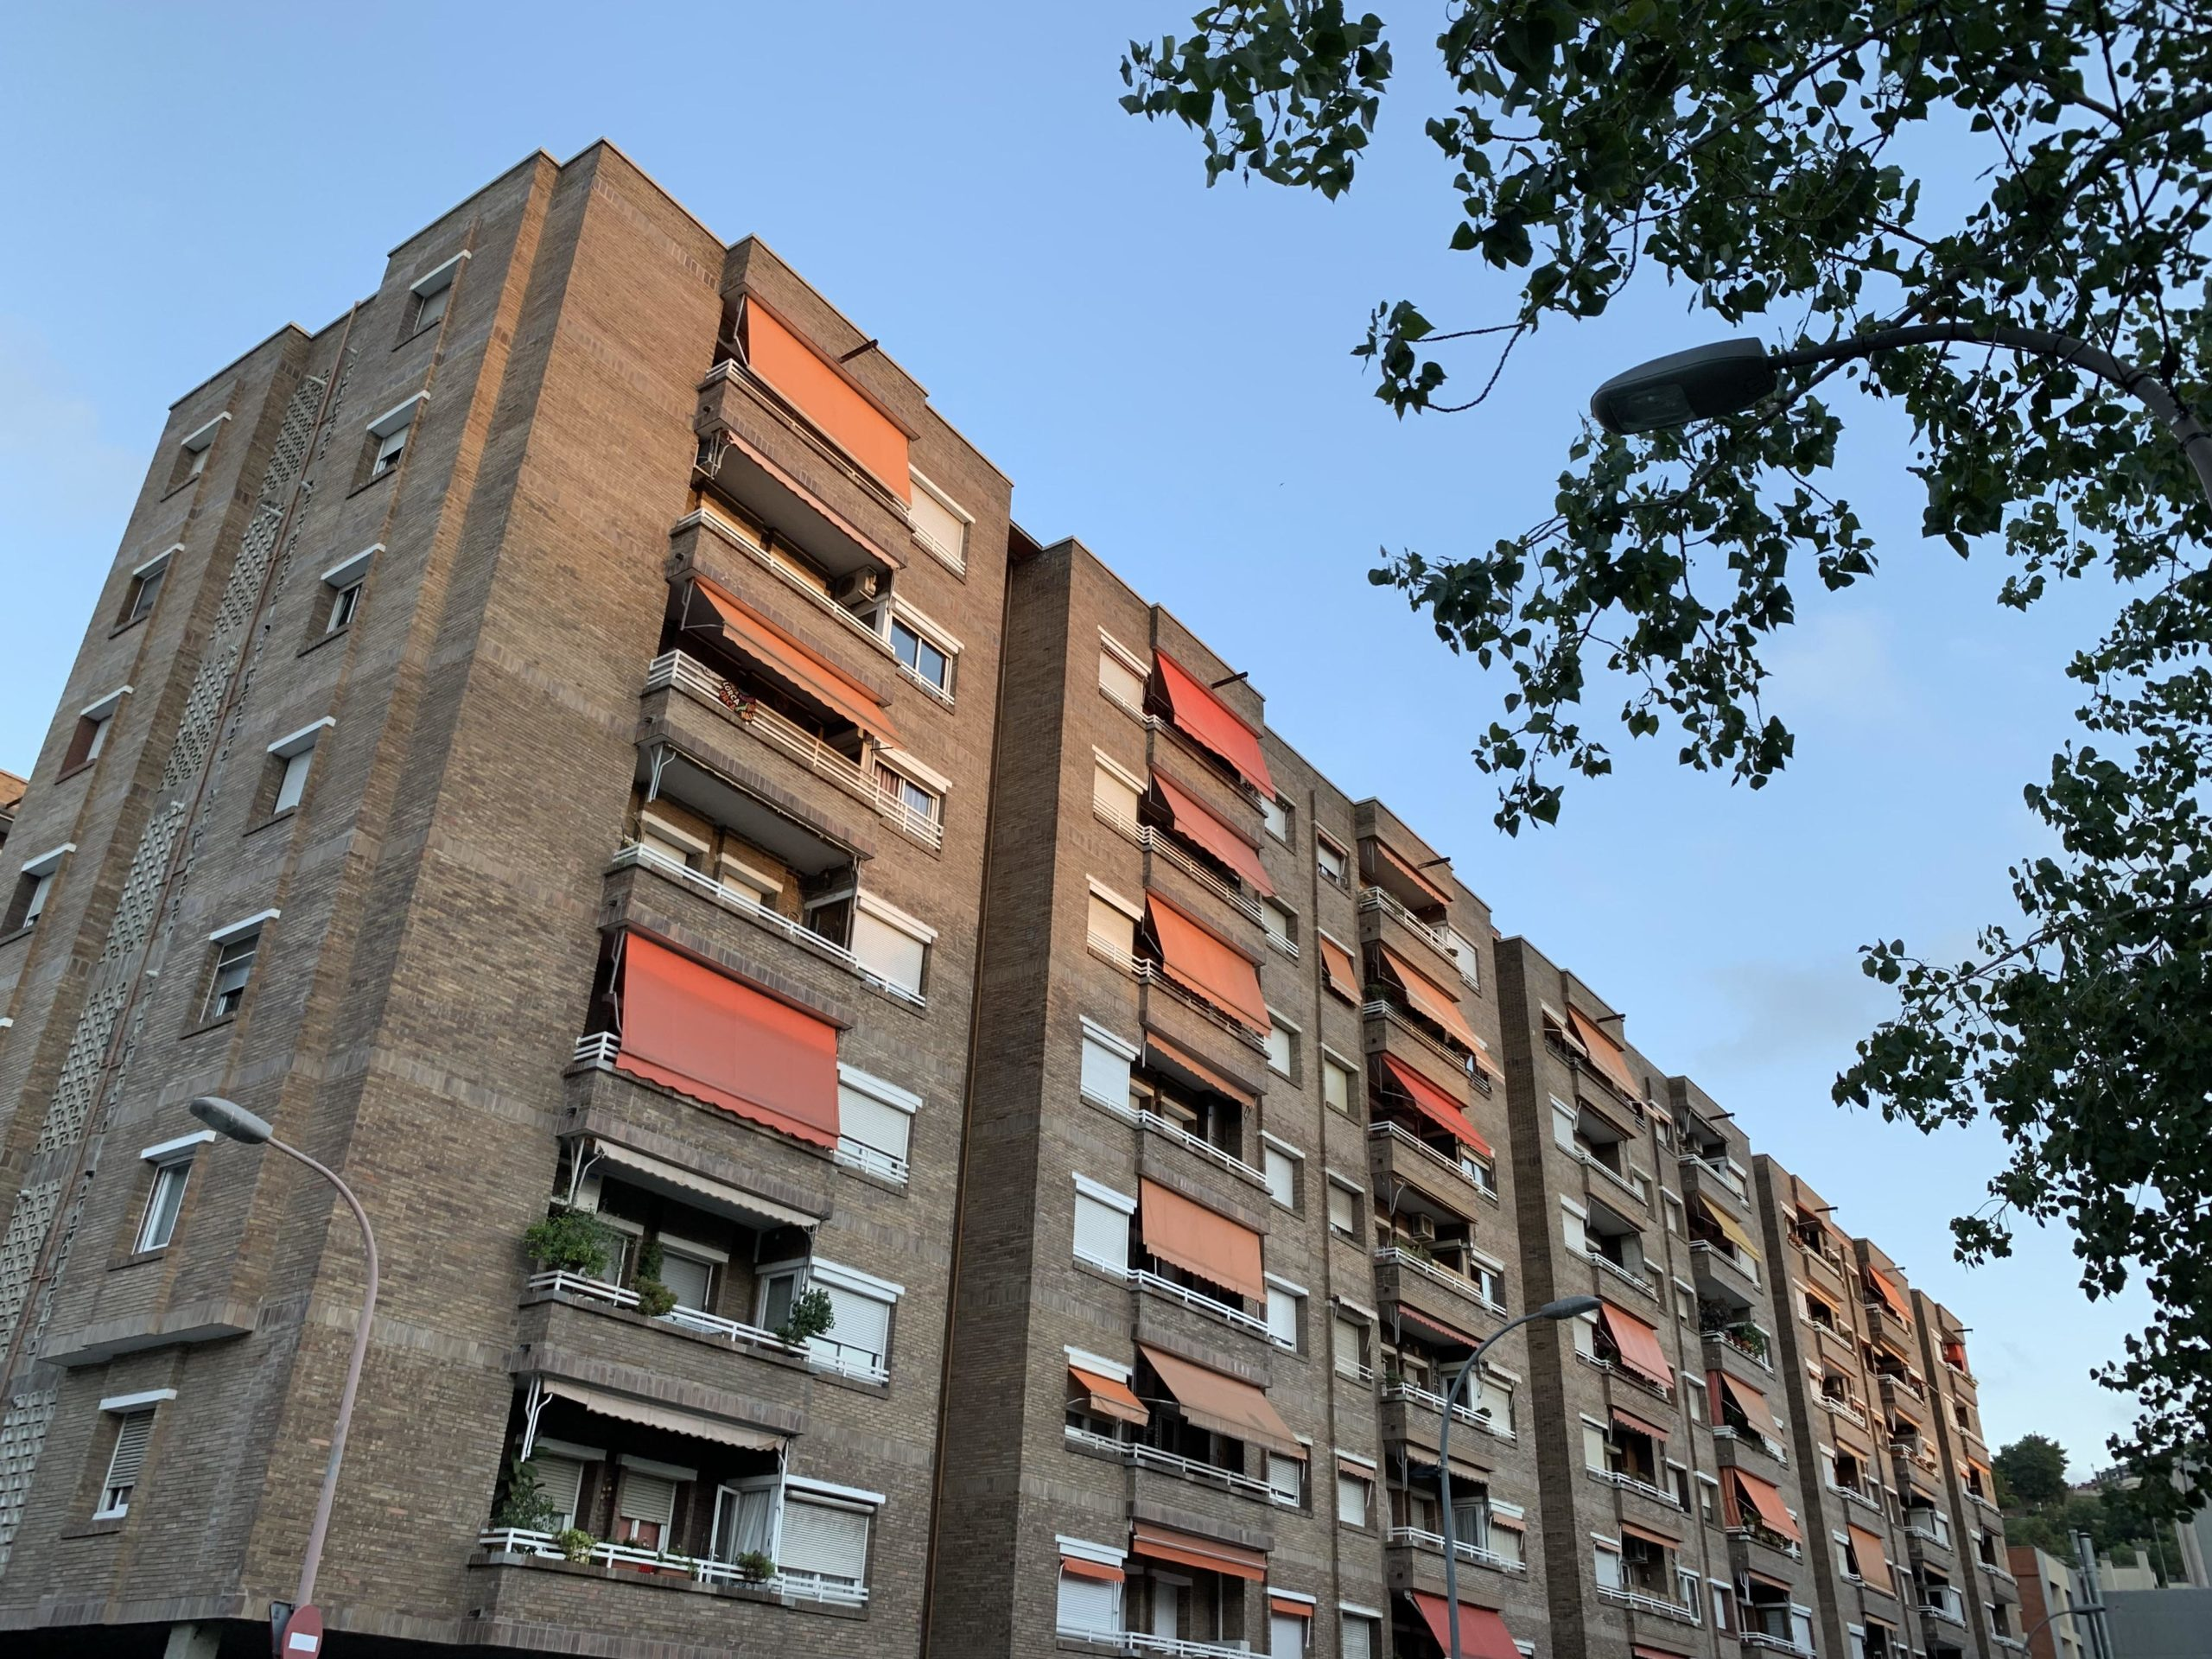 Pisos de Barcelona, amb tendals als balcons, un dels elements que poden fer desistir els lladres escaladors / S.B.